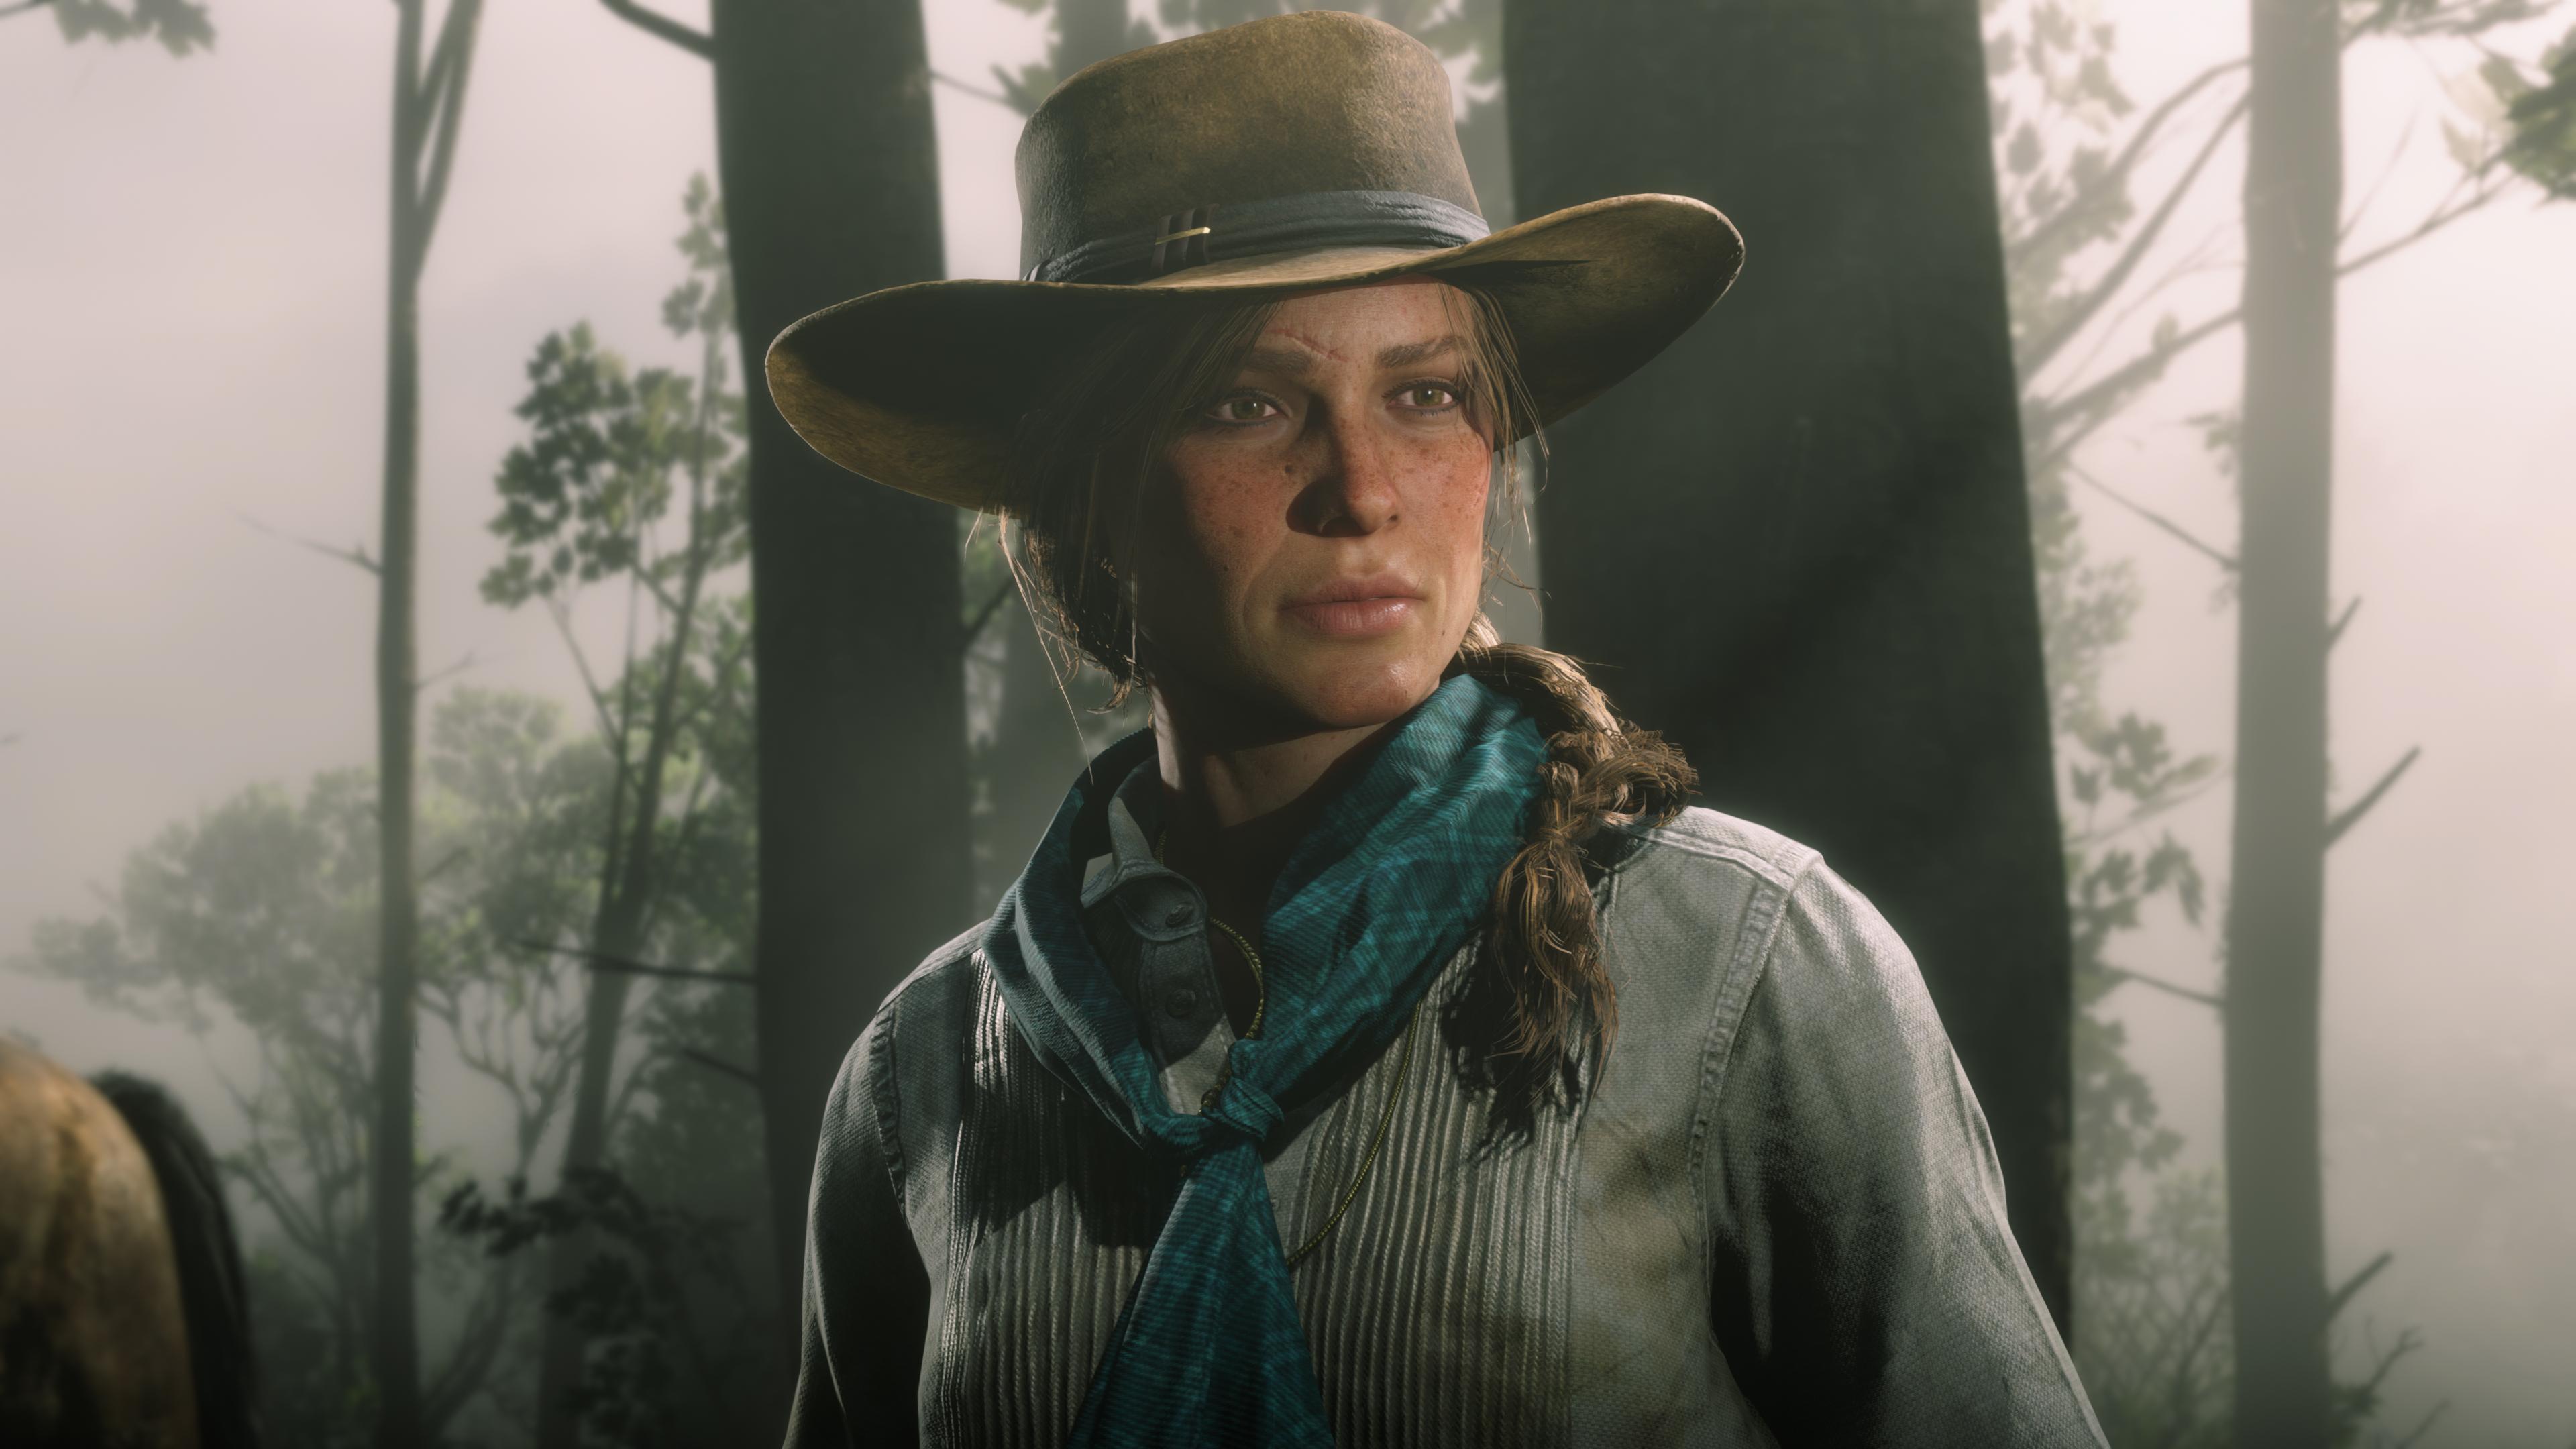 O jogo vai ser lançado a 5 de Novembro mas a Rockstar Games já prometeu que até lá iremos ter um trailer em 4K mostrando melhor os gráficos de Red Dead Redemption 2 no PC.